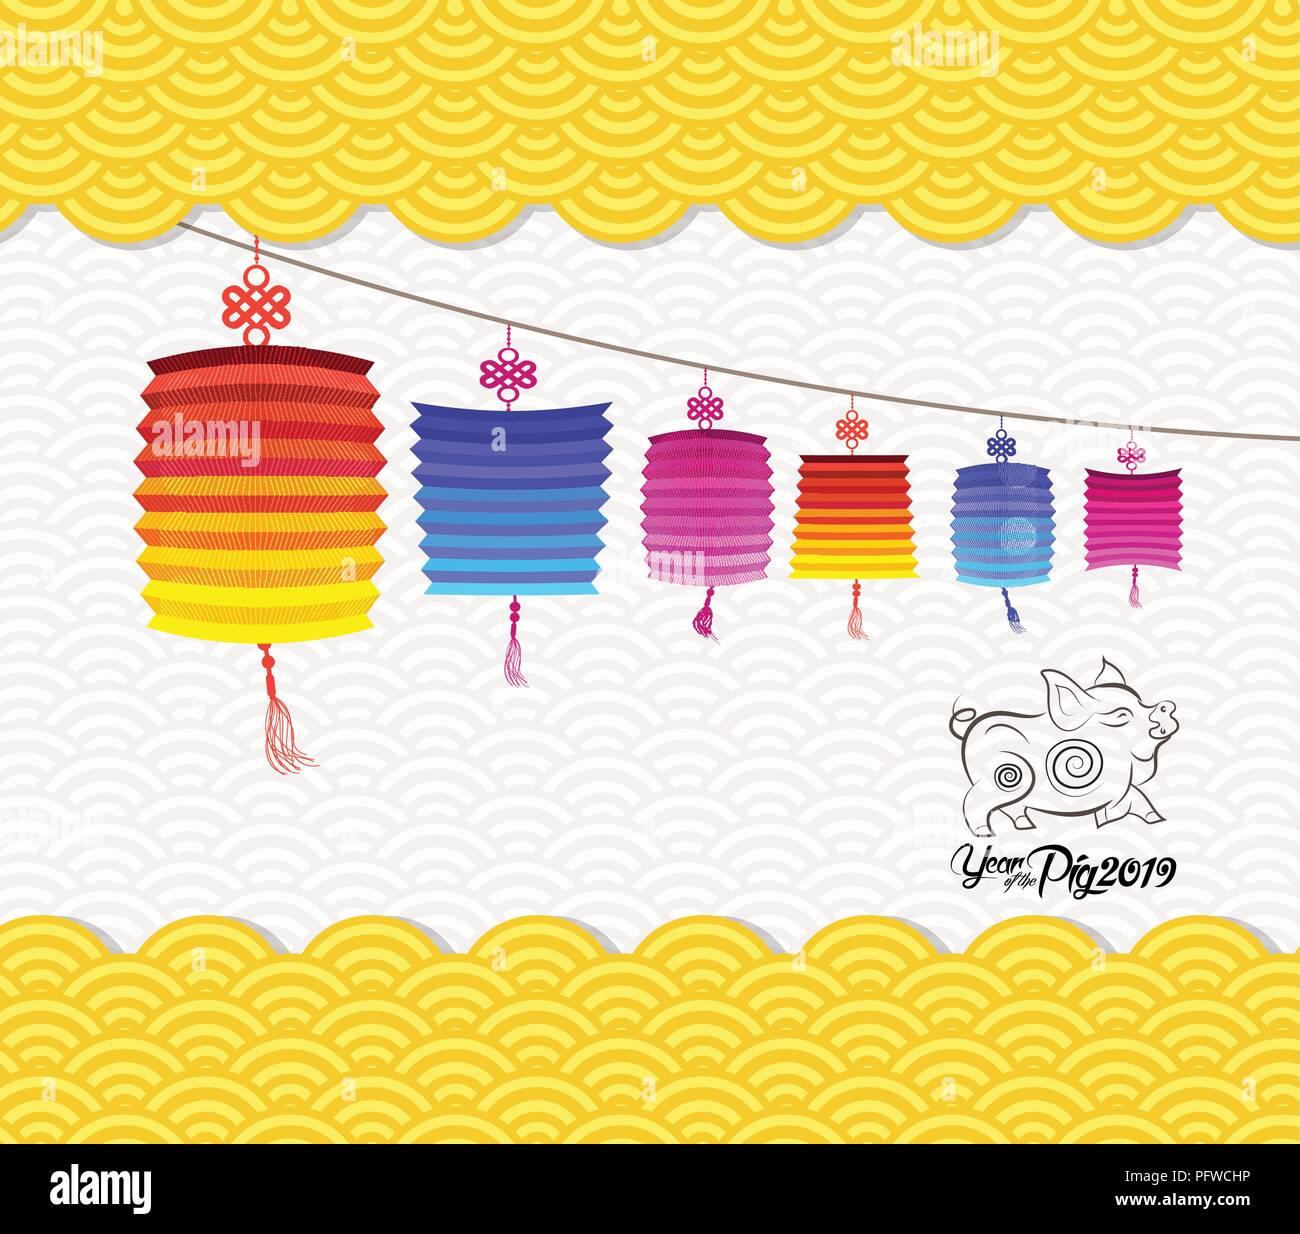 Le Nouvel An Chinois 2019 Lantern Annee Du Cochon Vecteurs Et